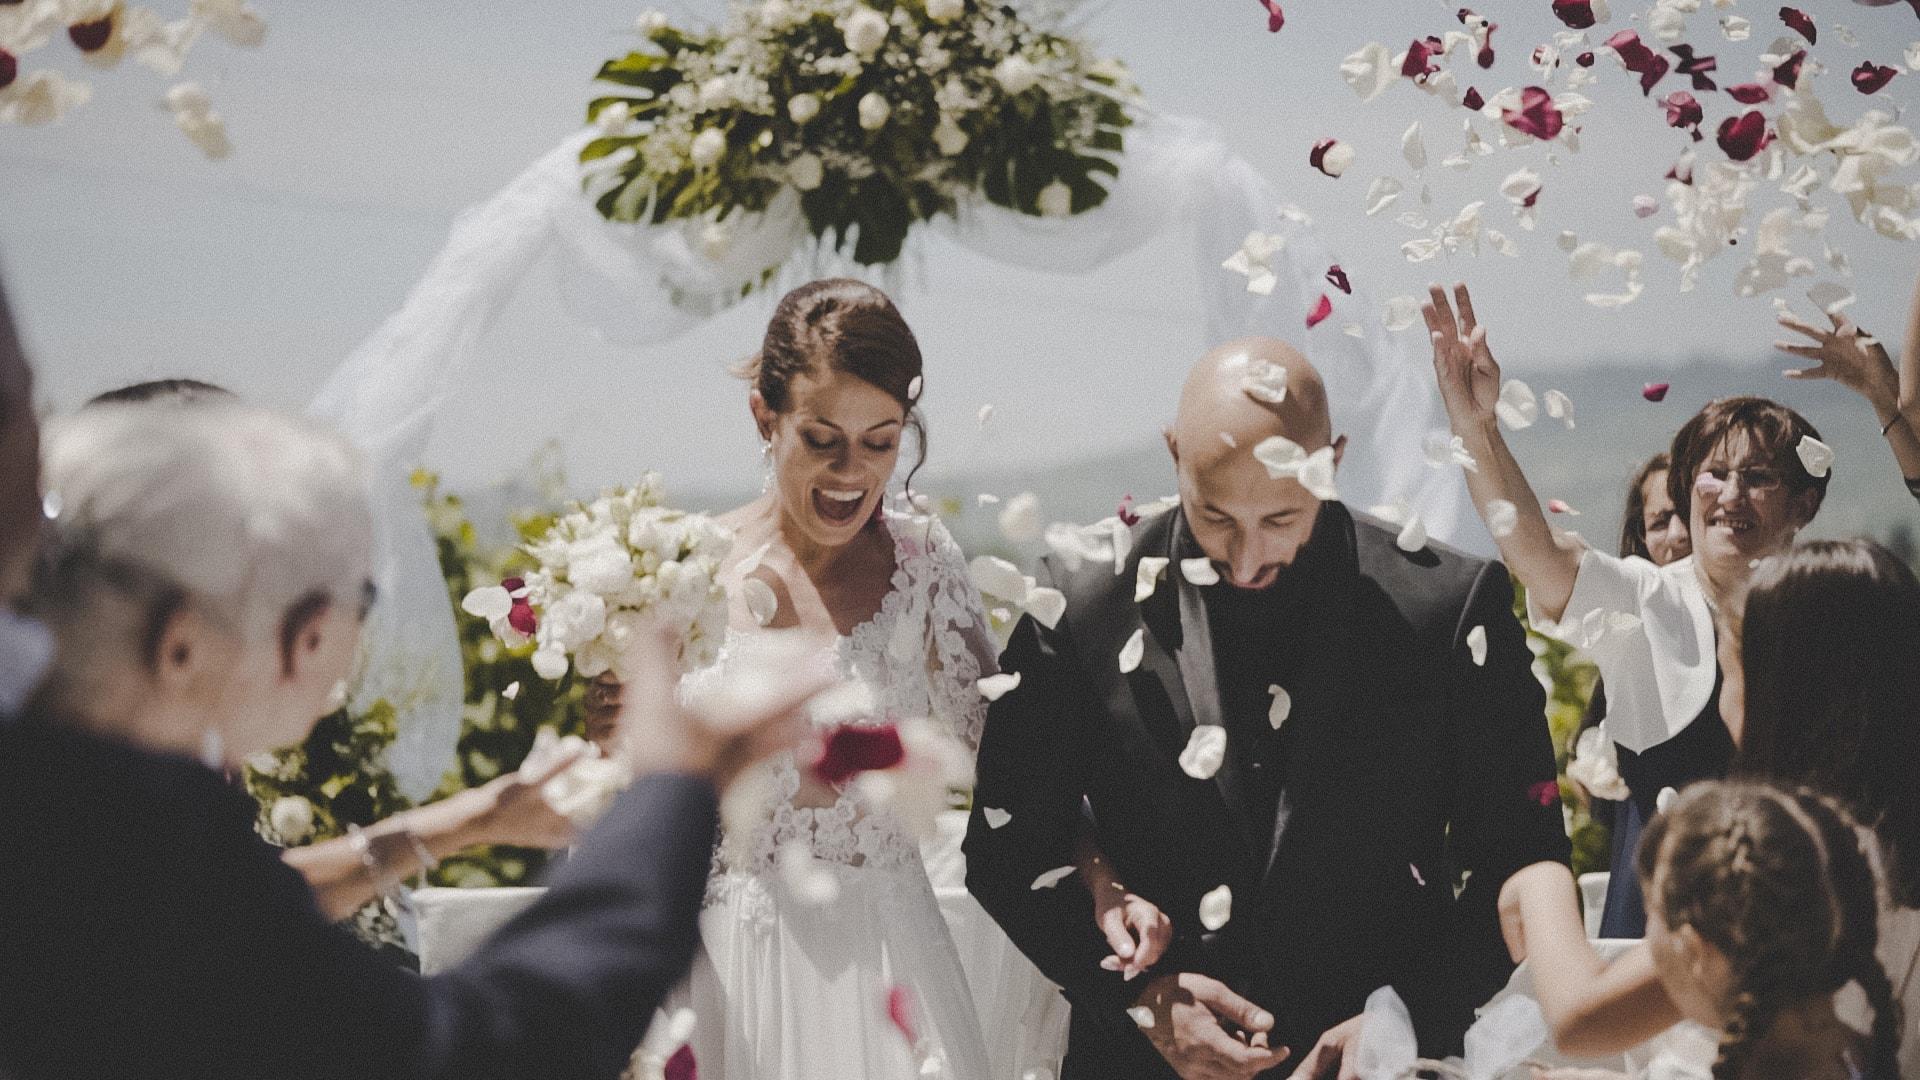 lancio dei petali durante un matrimonio